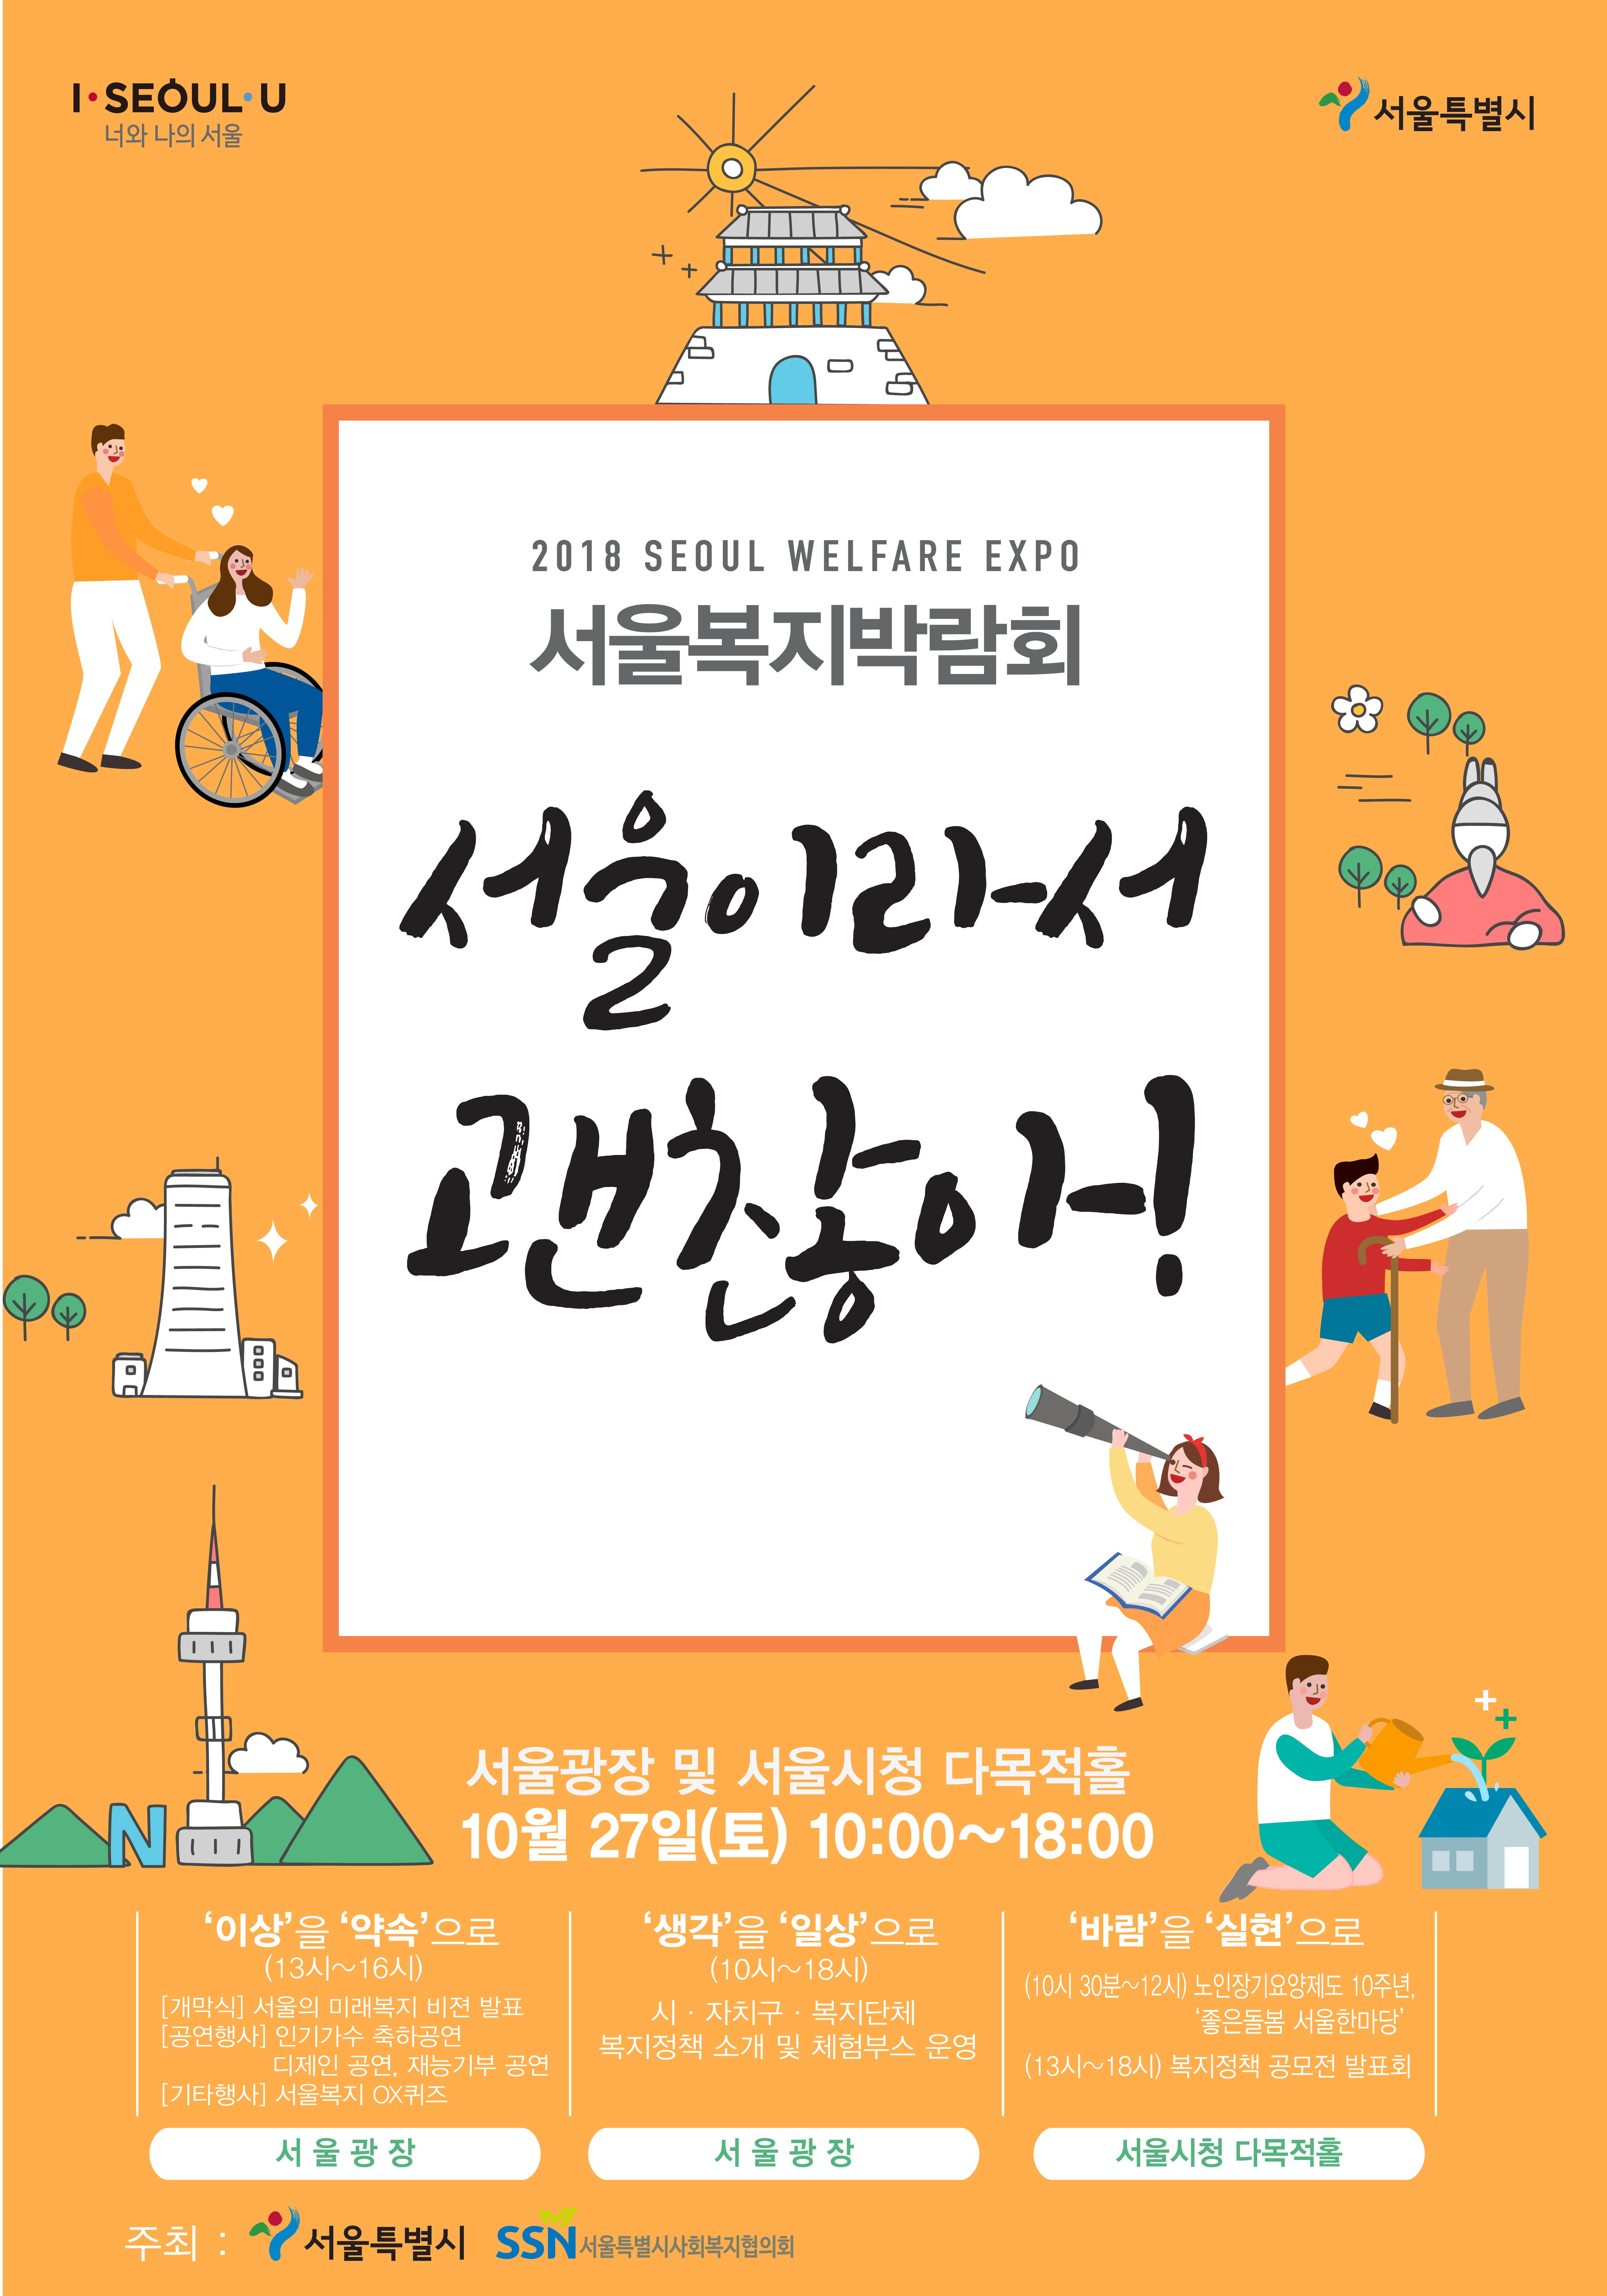 2018 서울복지박람회 포스터 수정 로고 삽입0921.jpg